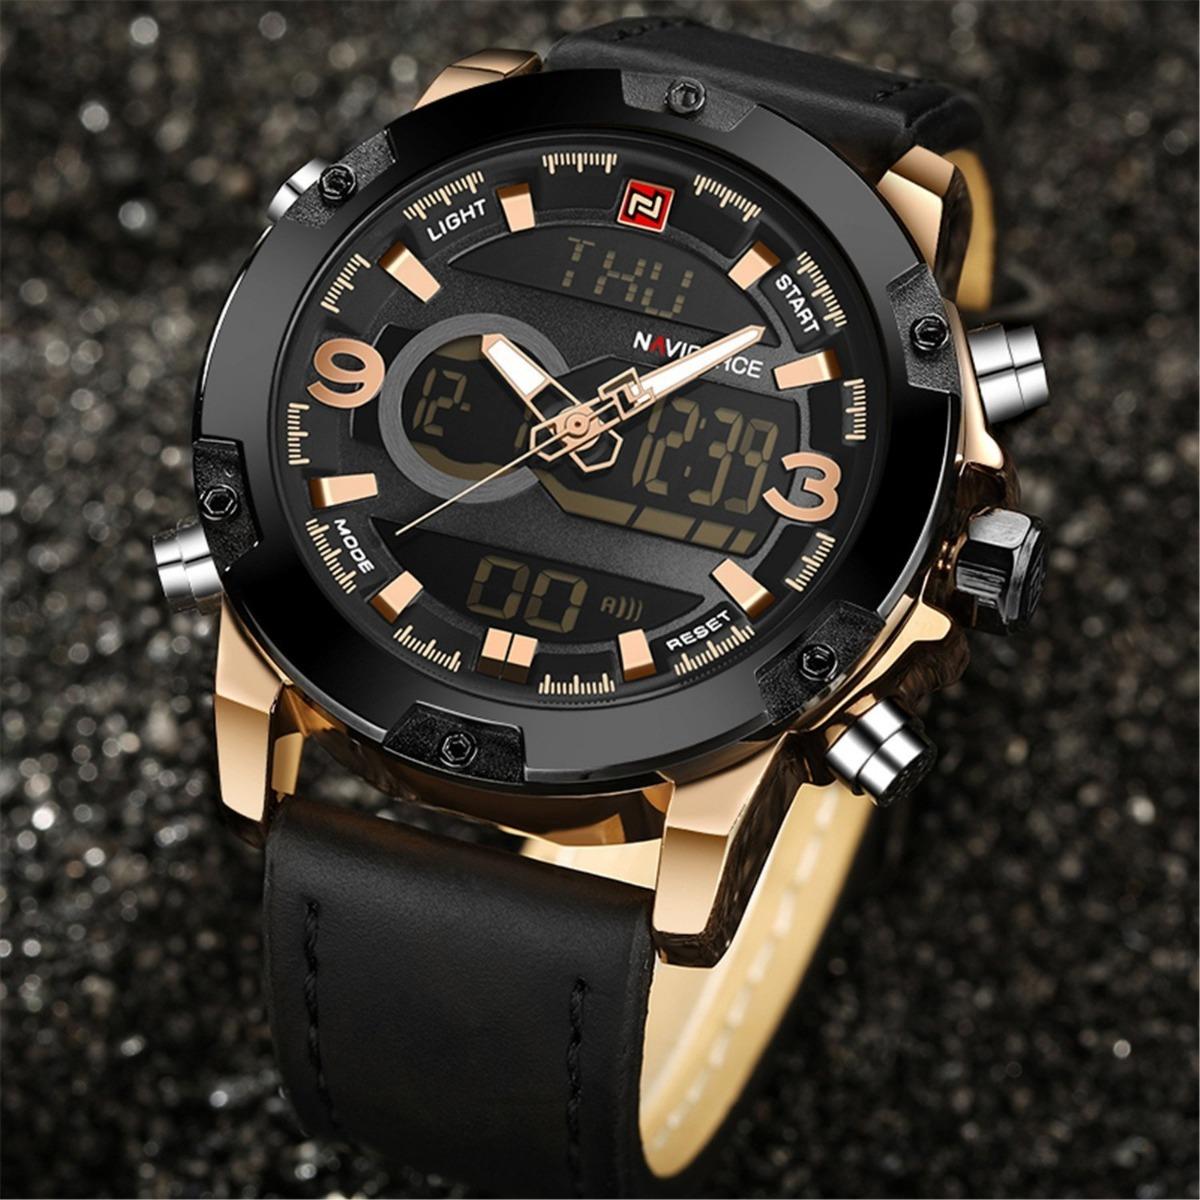 f0cc22e10d0 relógio masculino naviforce 9097 pulseira couro c caixa. Carregando zoom.